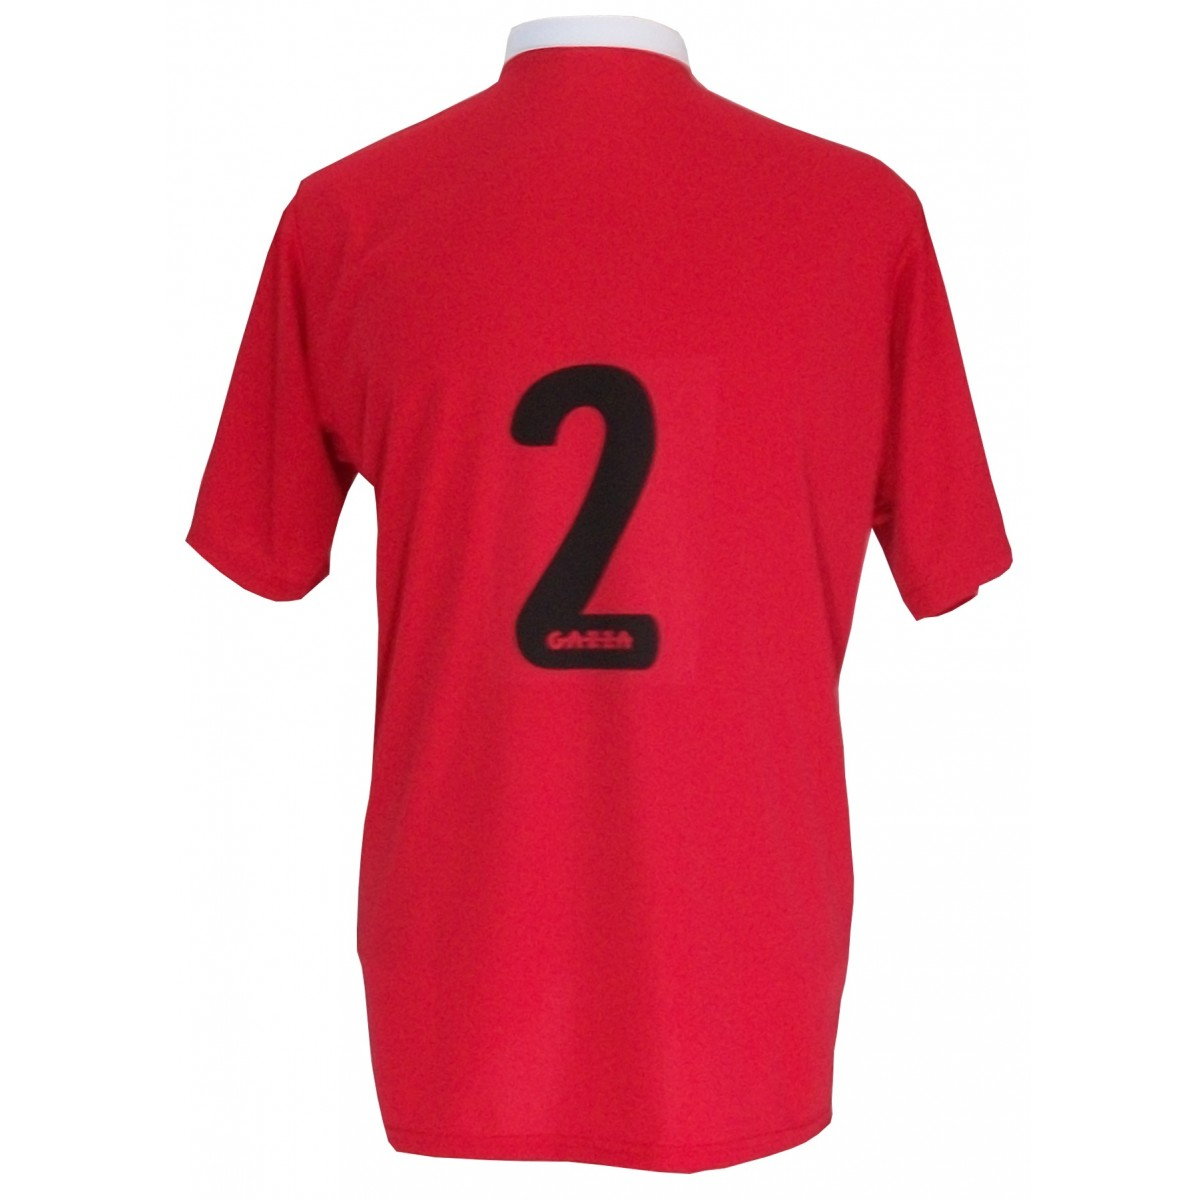 Uniforme Esportivo com 14 camisas modelo PSG Vermelho/Preto/Branco + 14 calções modelo Madrid + 1 Goleiro + Brindes